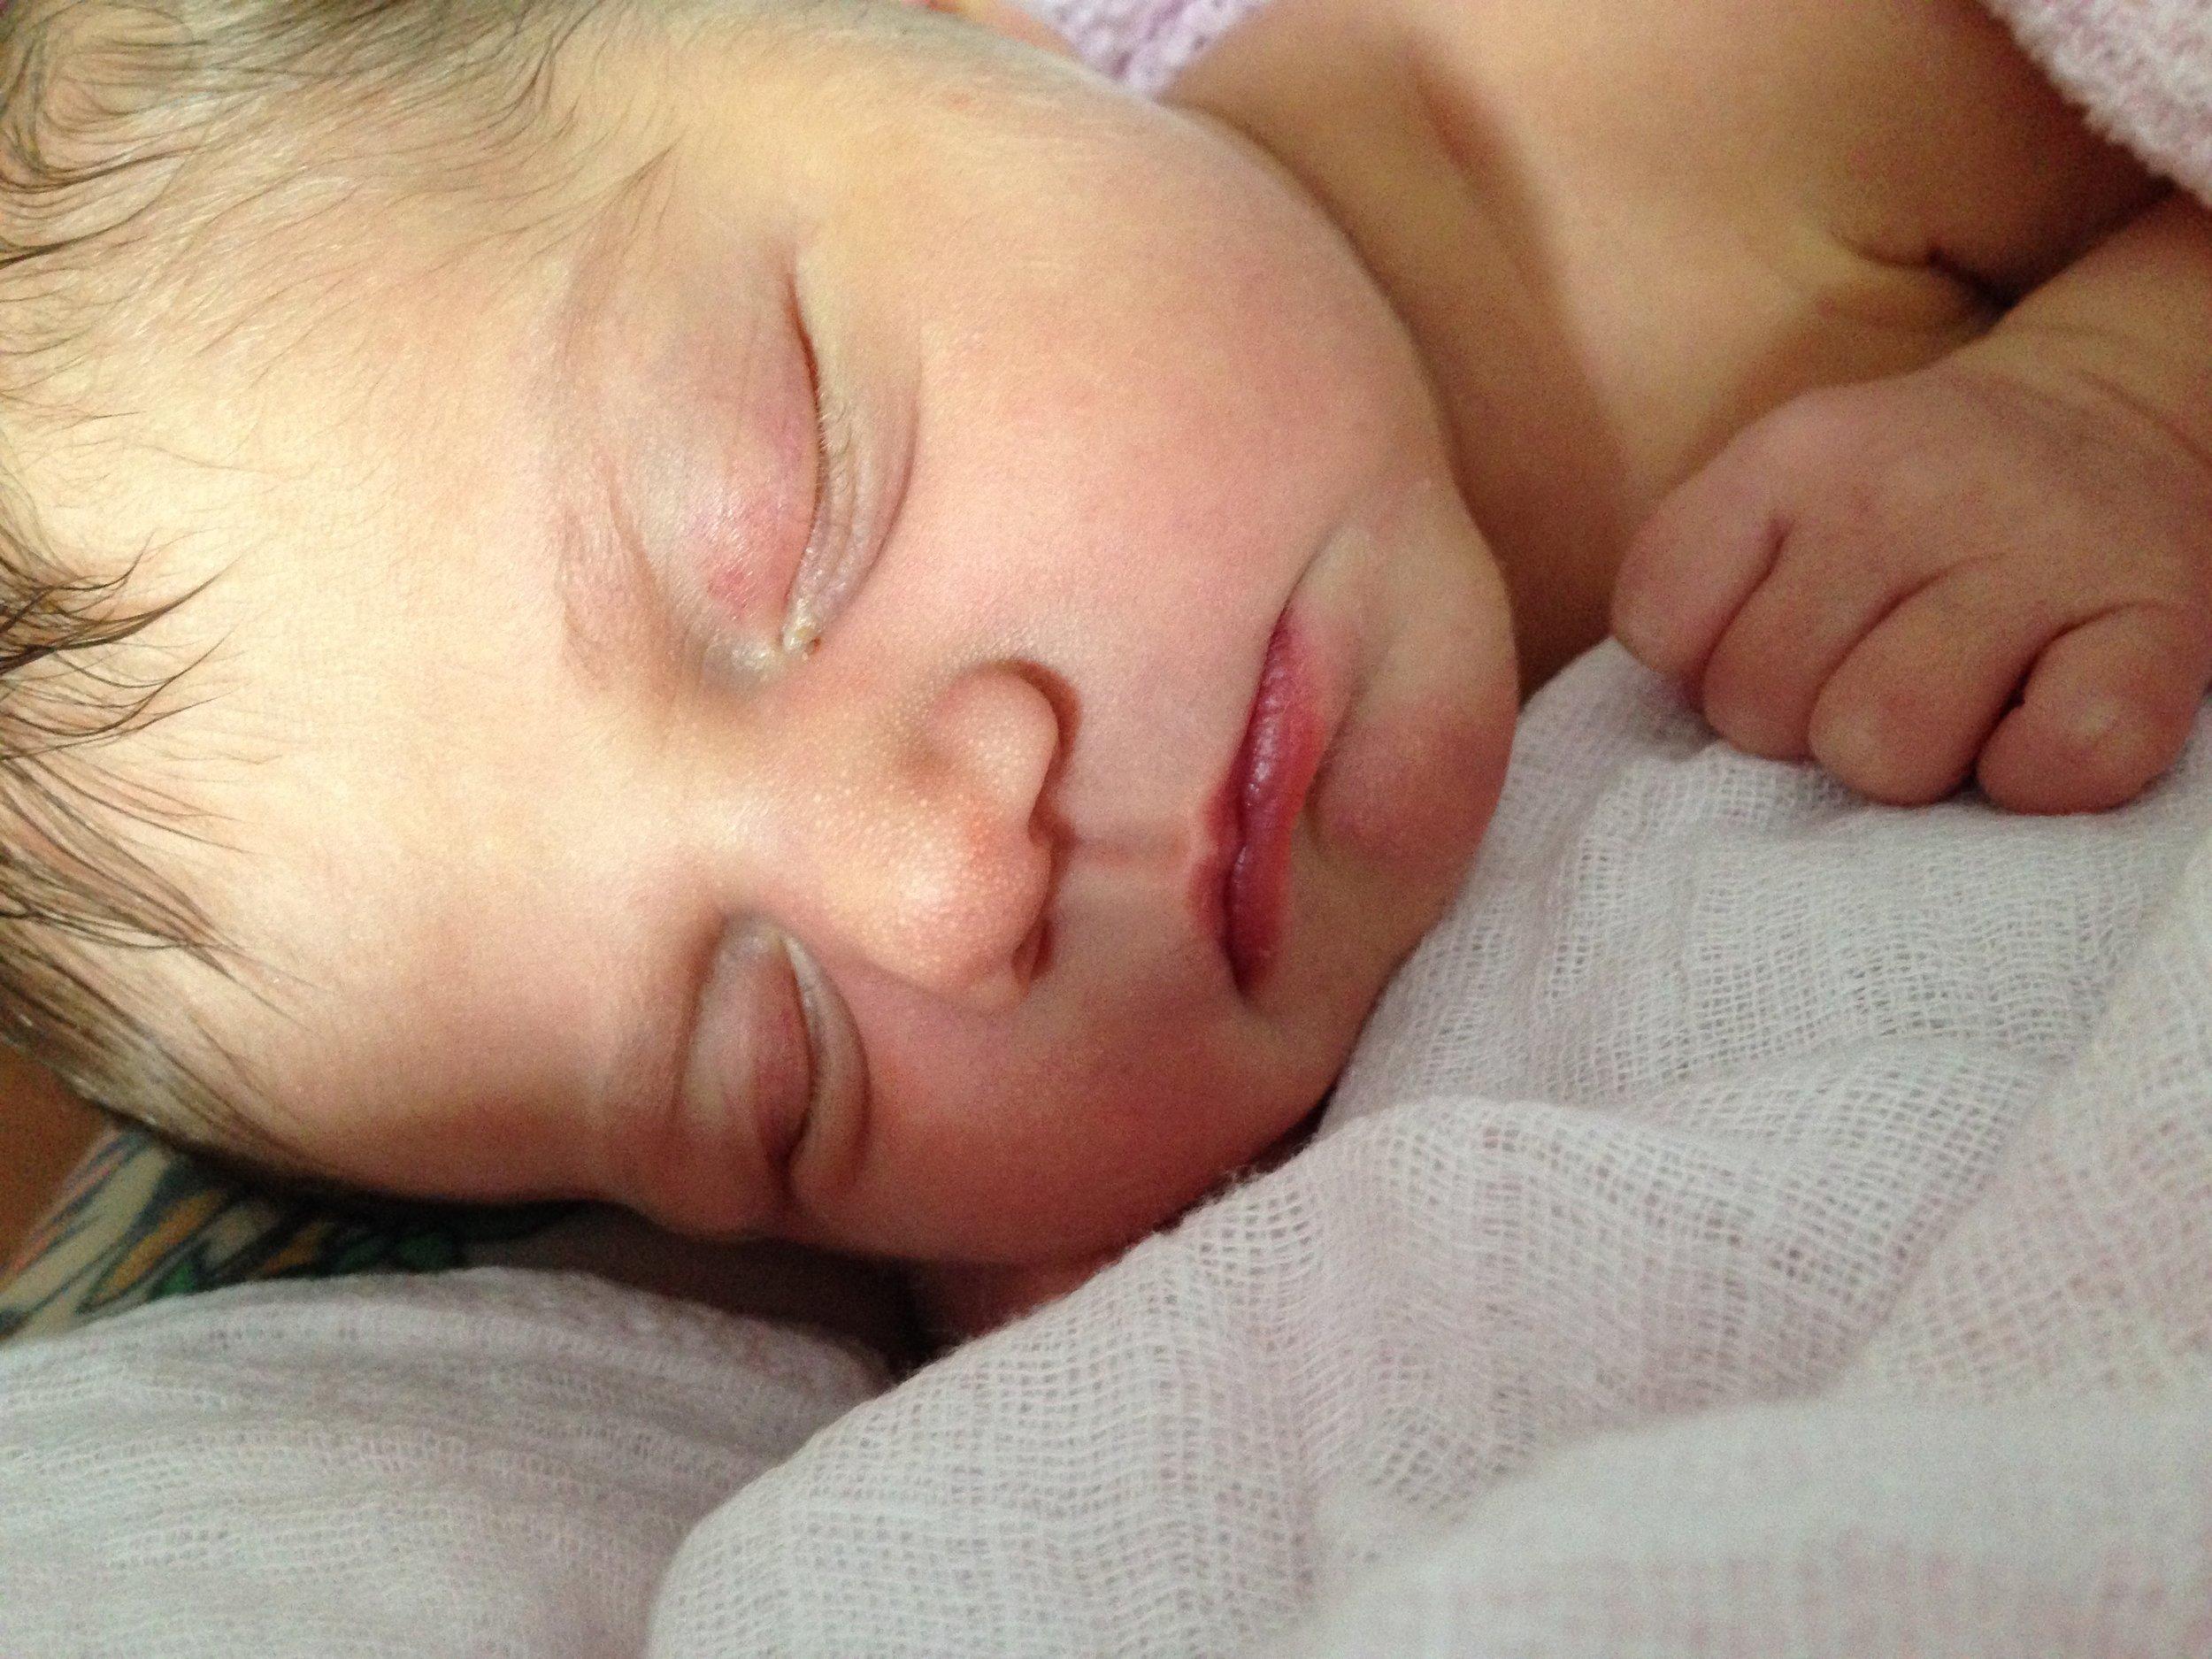 Newborn baby cuddles